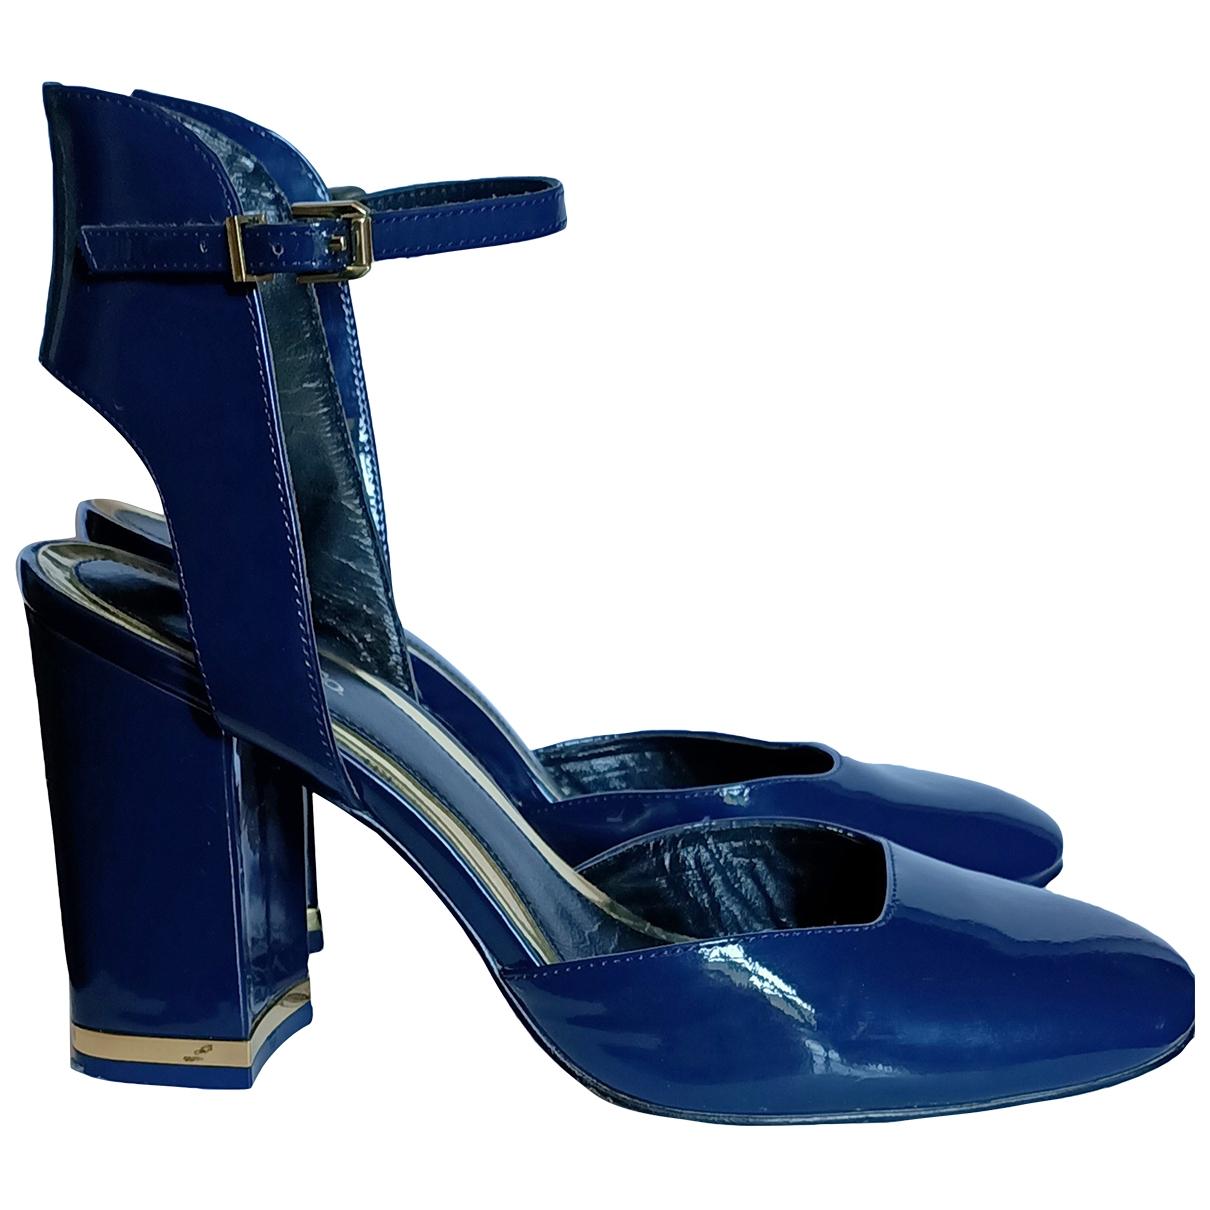 Max & Co - Escarpins   pour femme en cuir verni - bleu